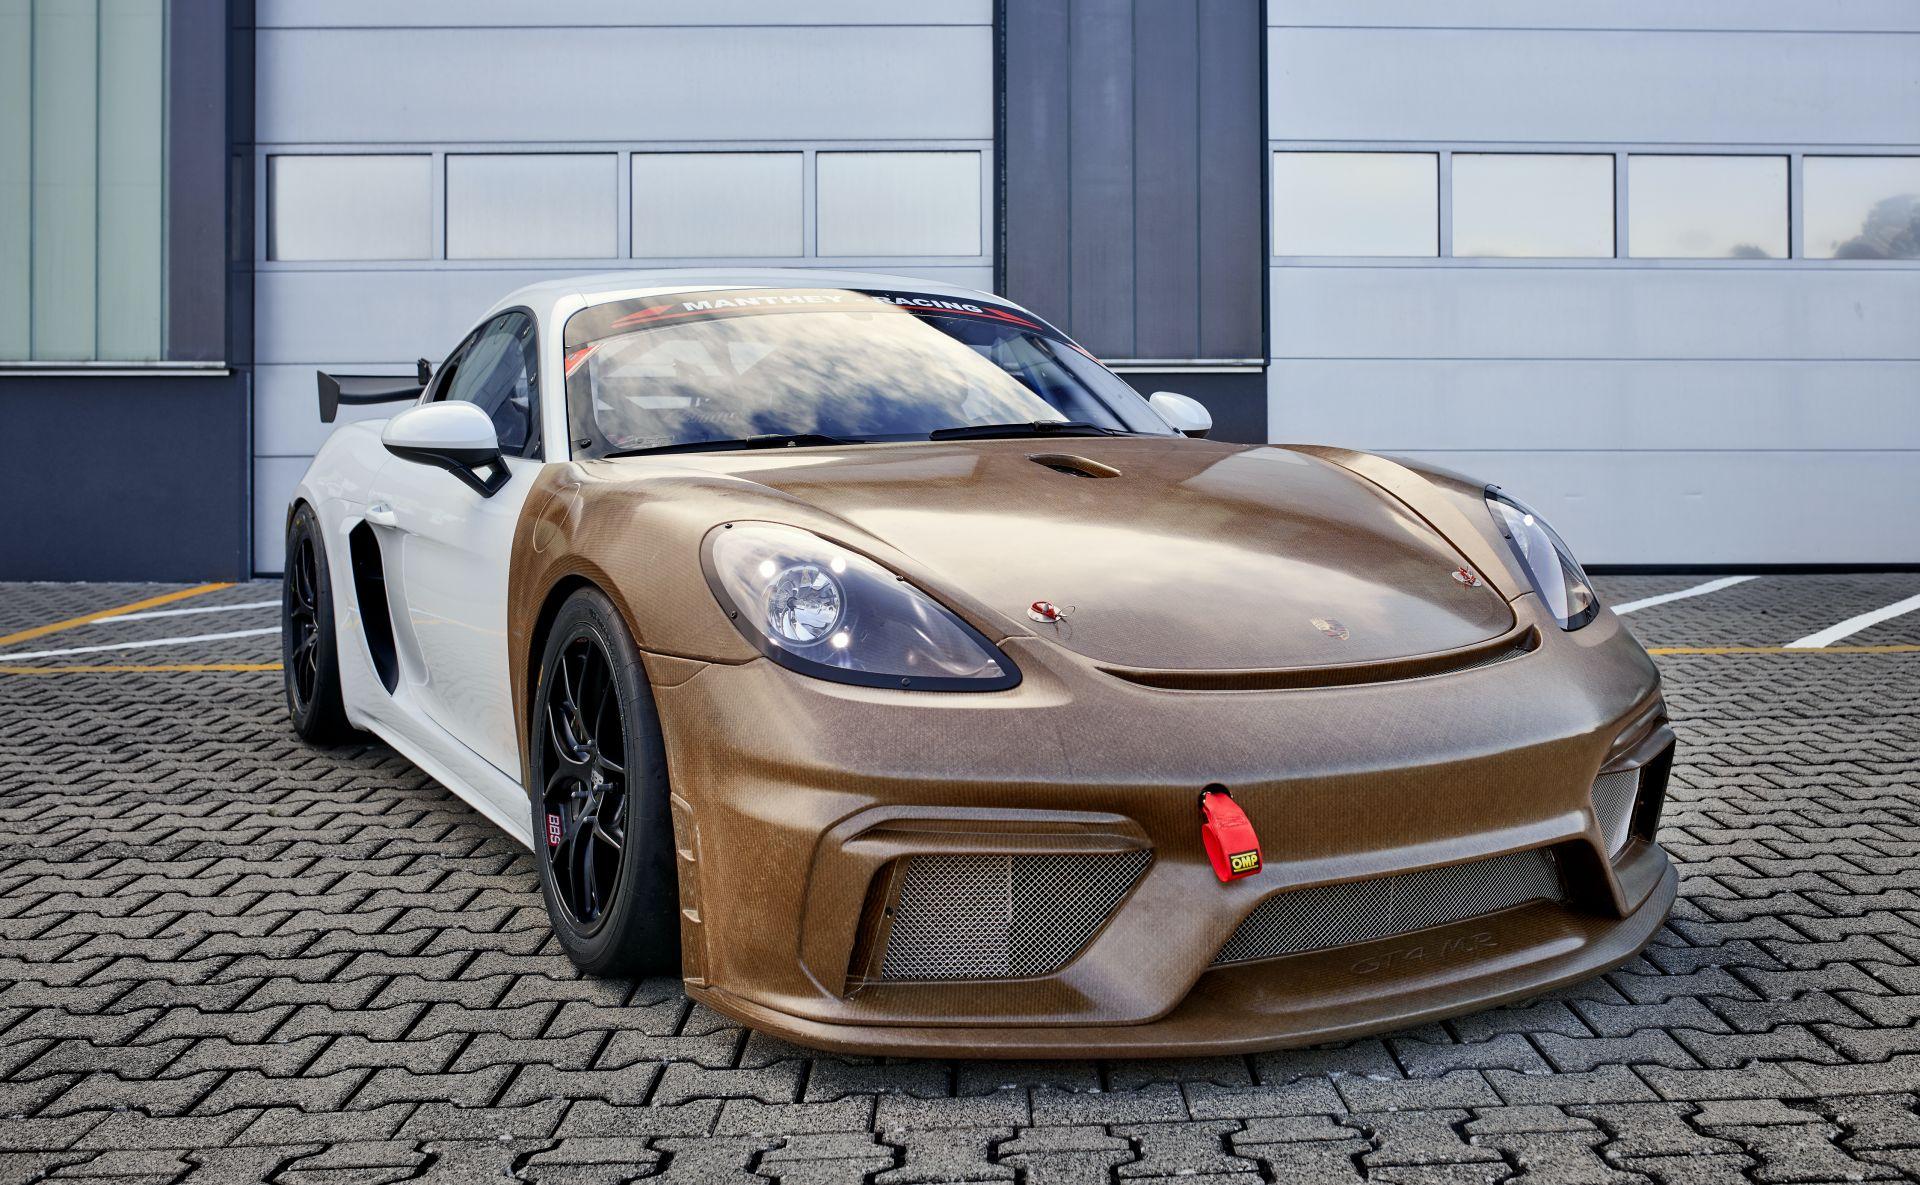 Porsche-718-Cayman-GT4-MR-natural-fiber-bodykit-3